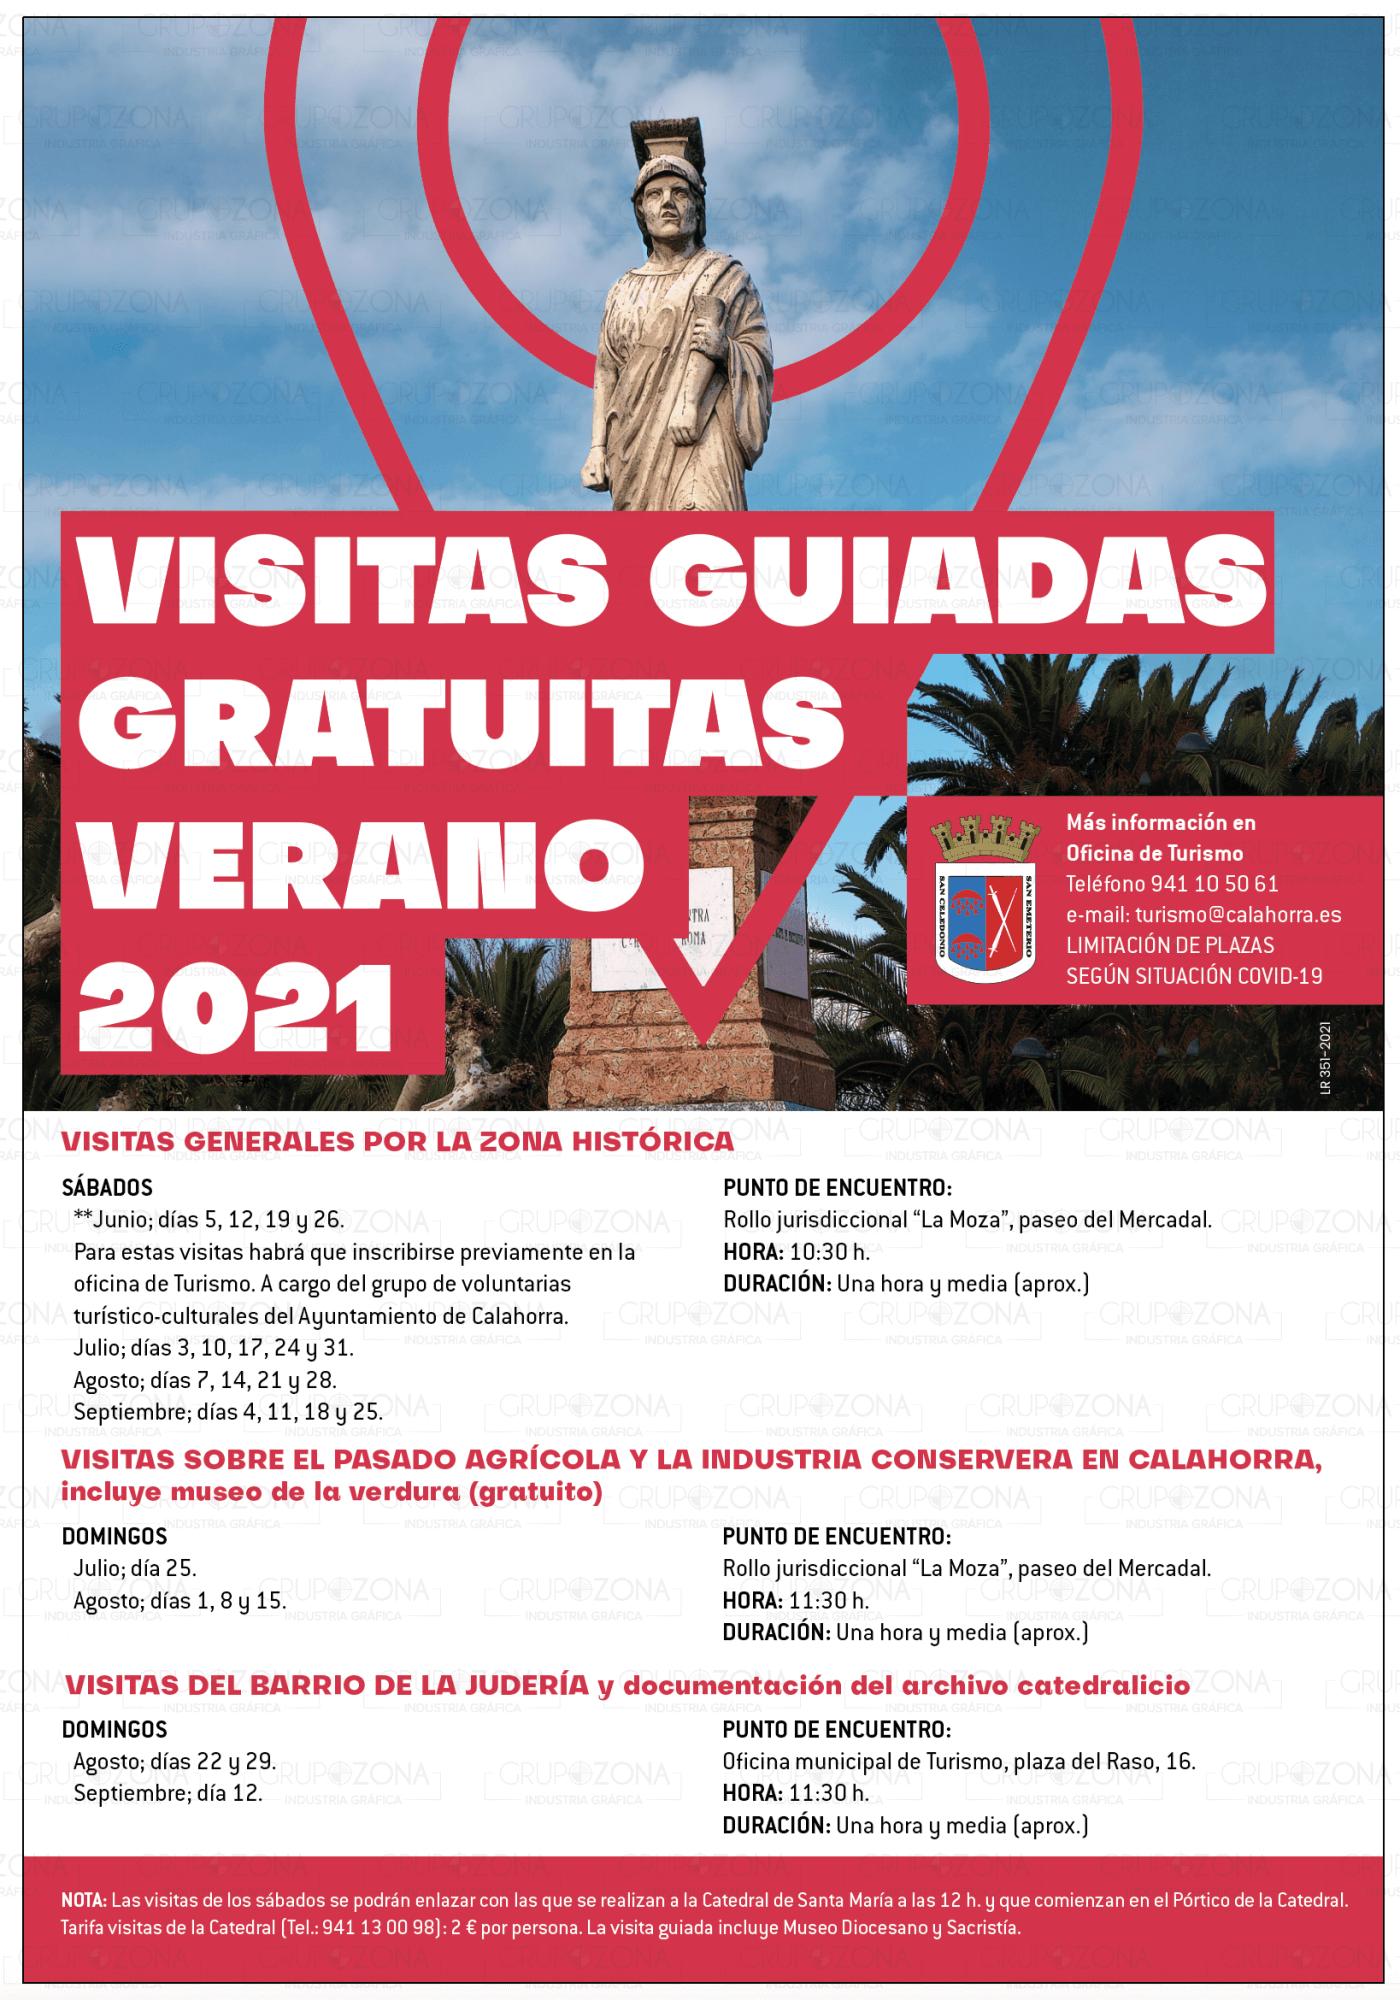 El Ayuntamiento de Calahorra organiza este verano visitas guiadas por distintas zonas de la ciudad